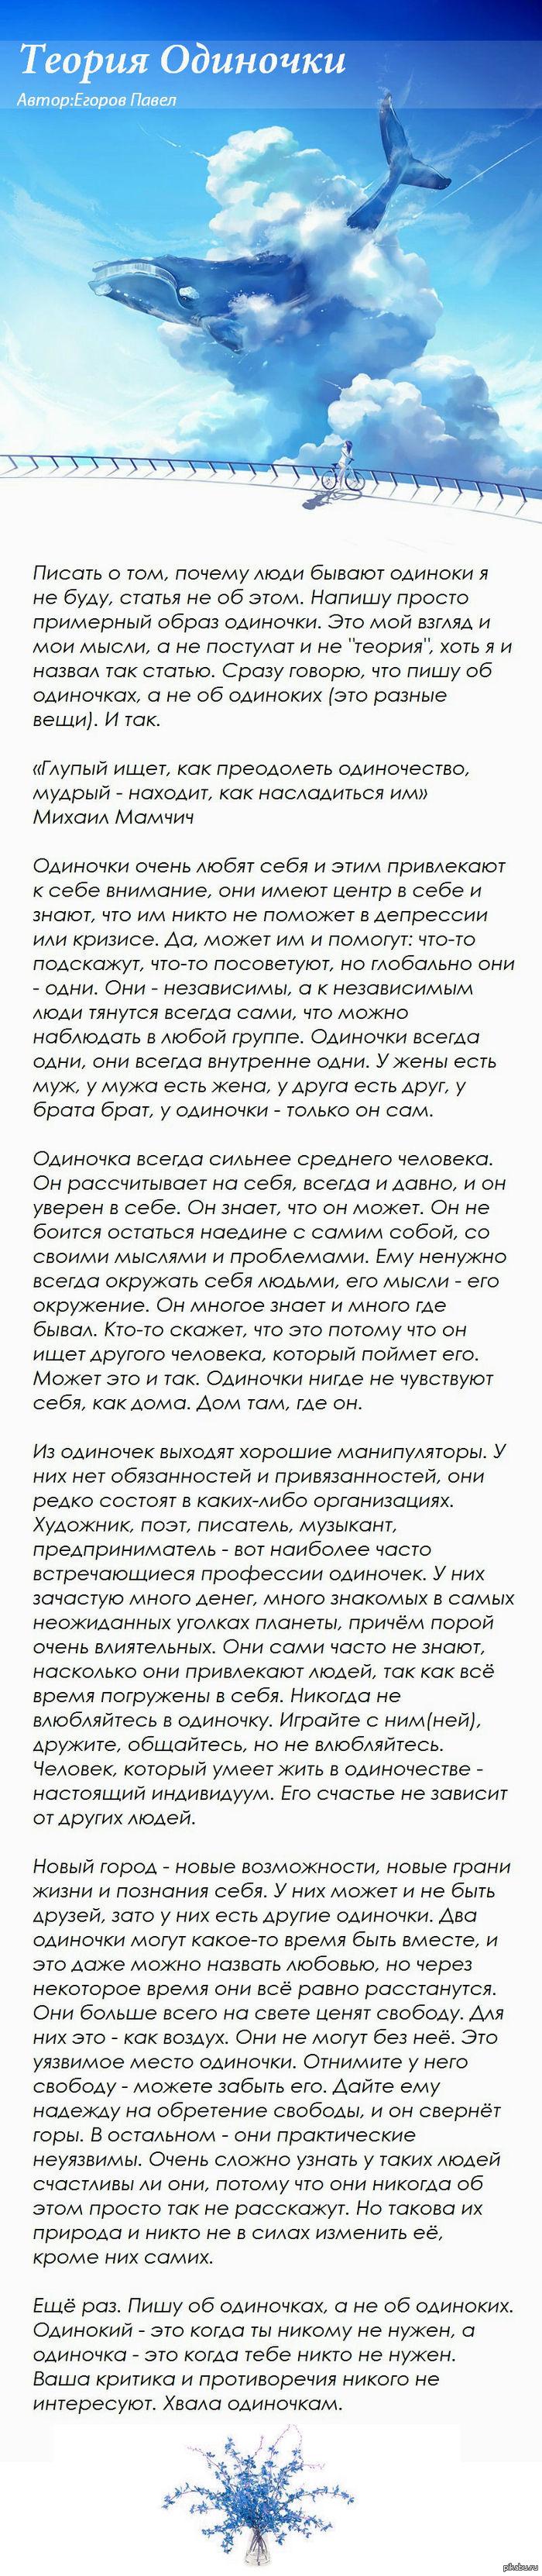 Теория Одиночки Длиннопост.